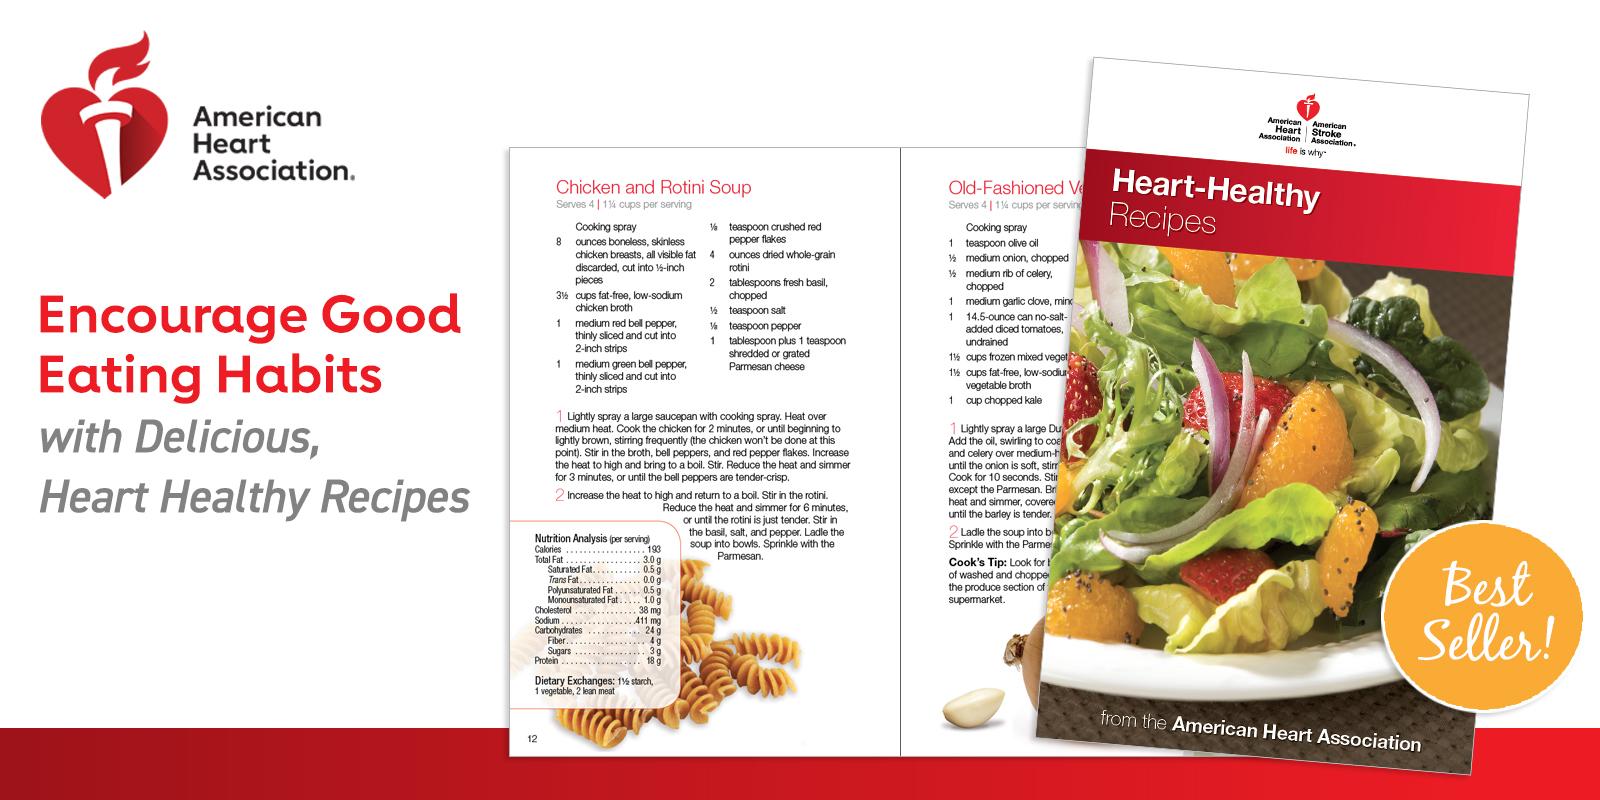 Encourage Good Eating Habits